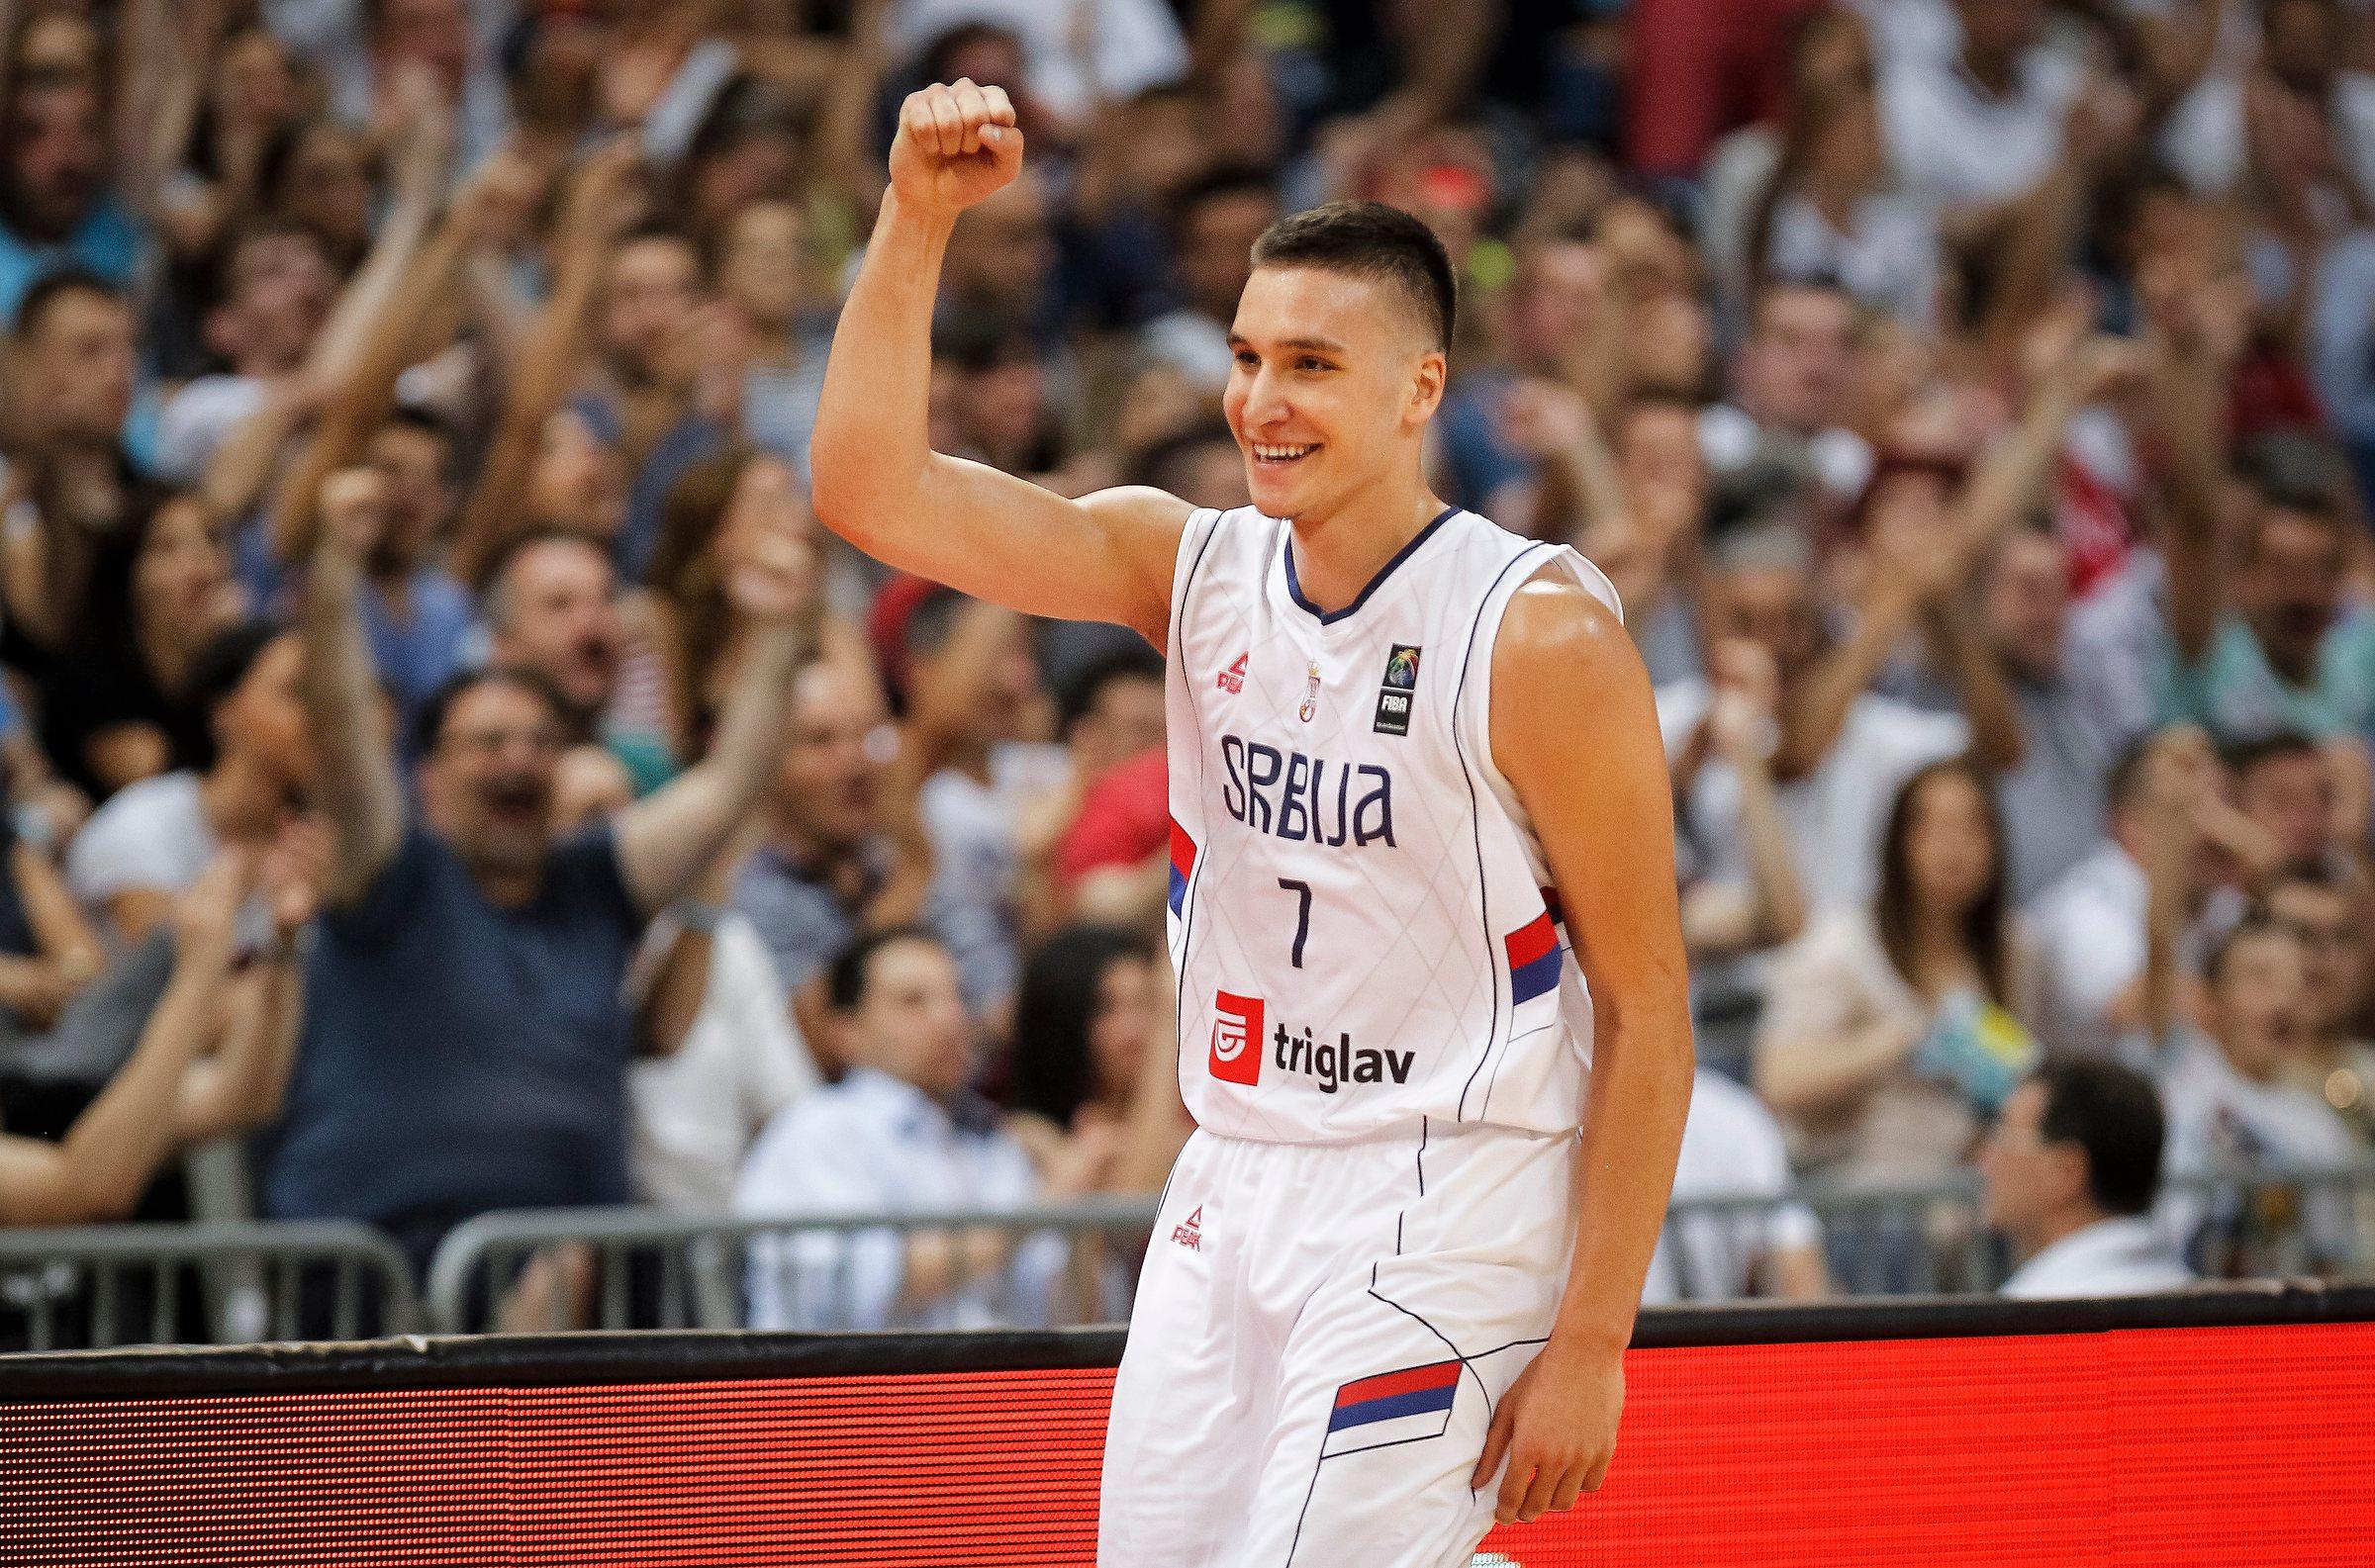 Vesti - KO JE, BRE, TAJ BOGDANOVIĆ: Američki mediji začuđeni potresom koji izaziva srpski as dolaskom u NBA (FOTO)